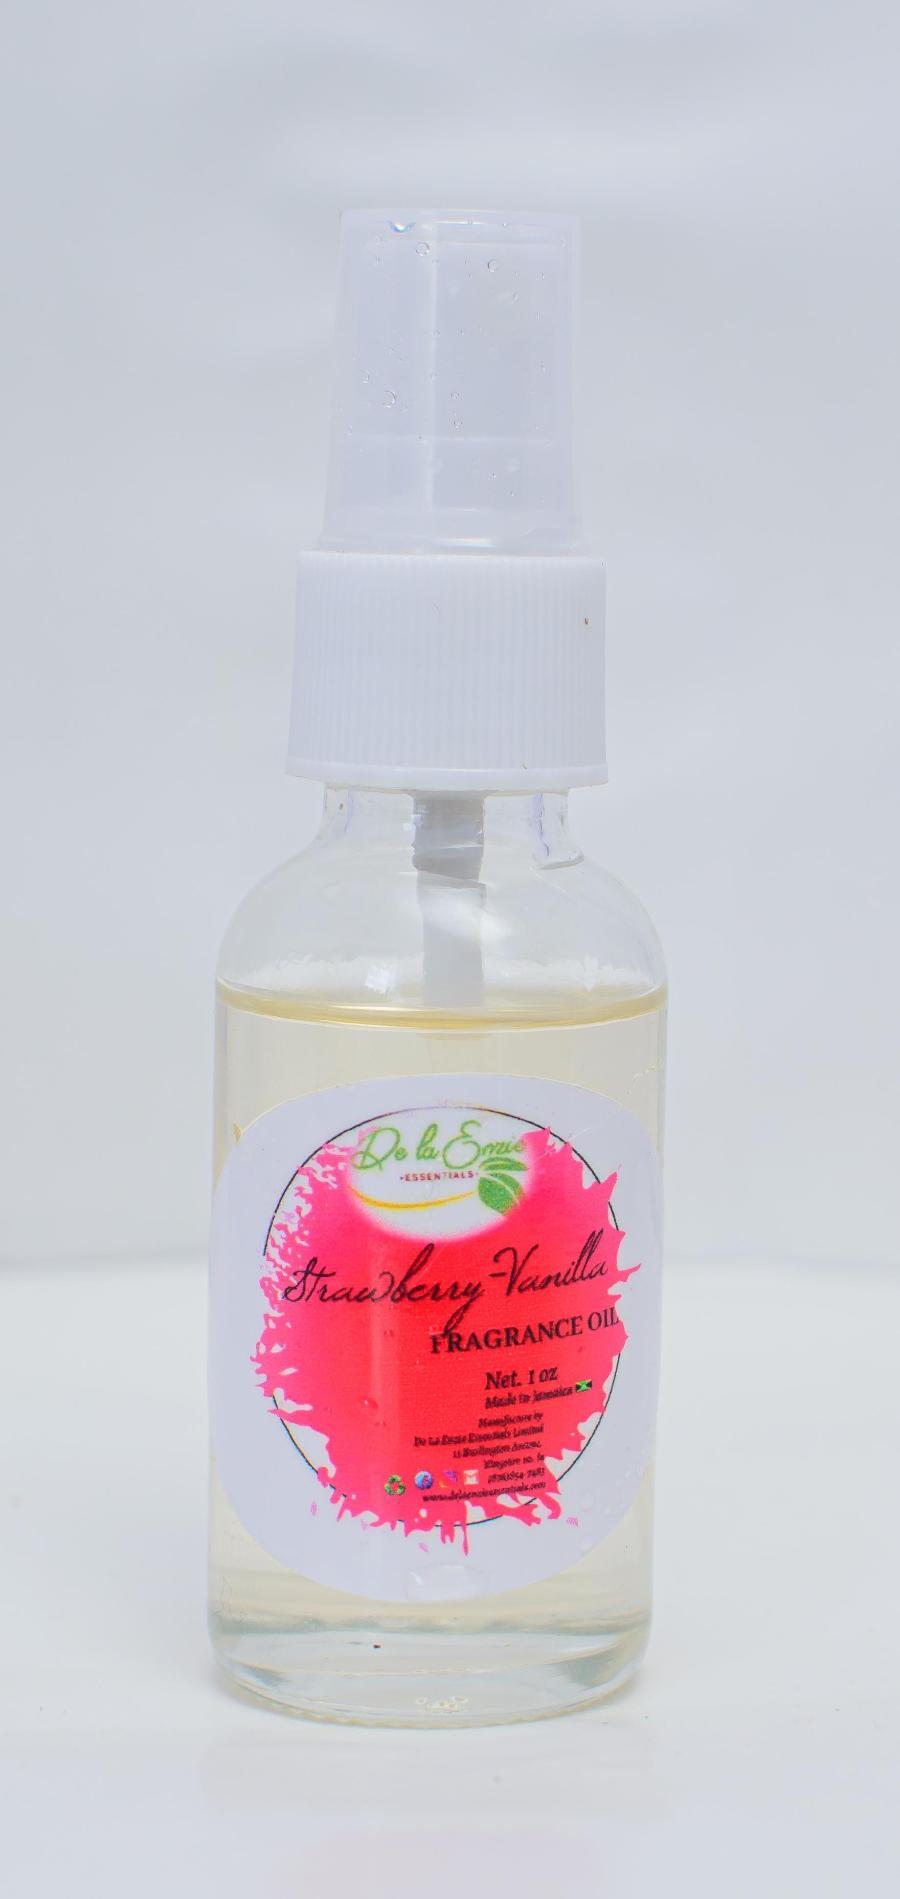 Fragrance Oil Packs